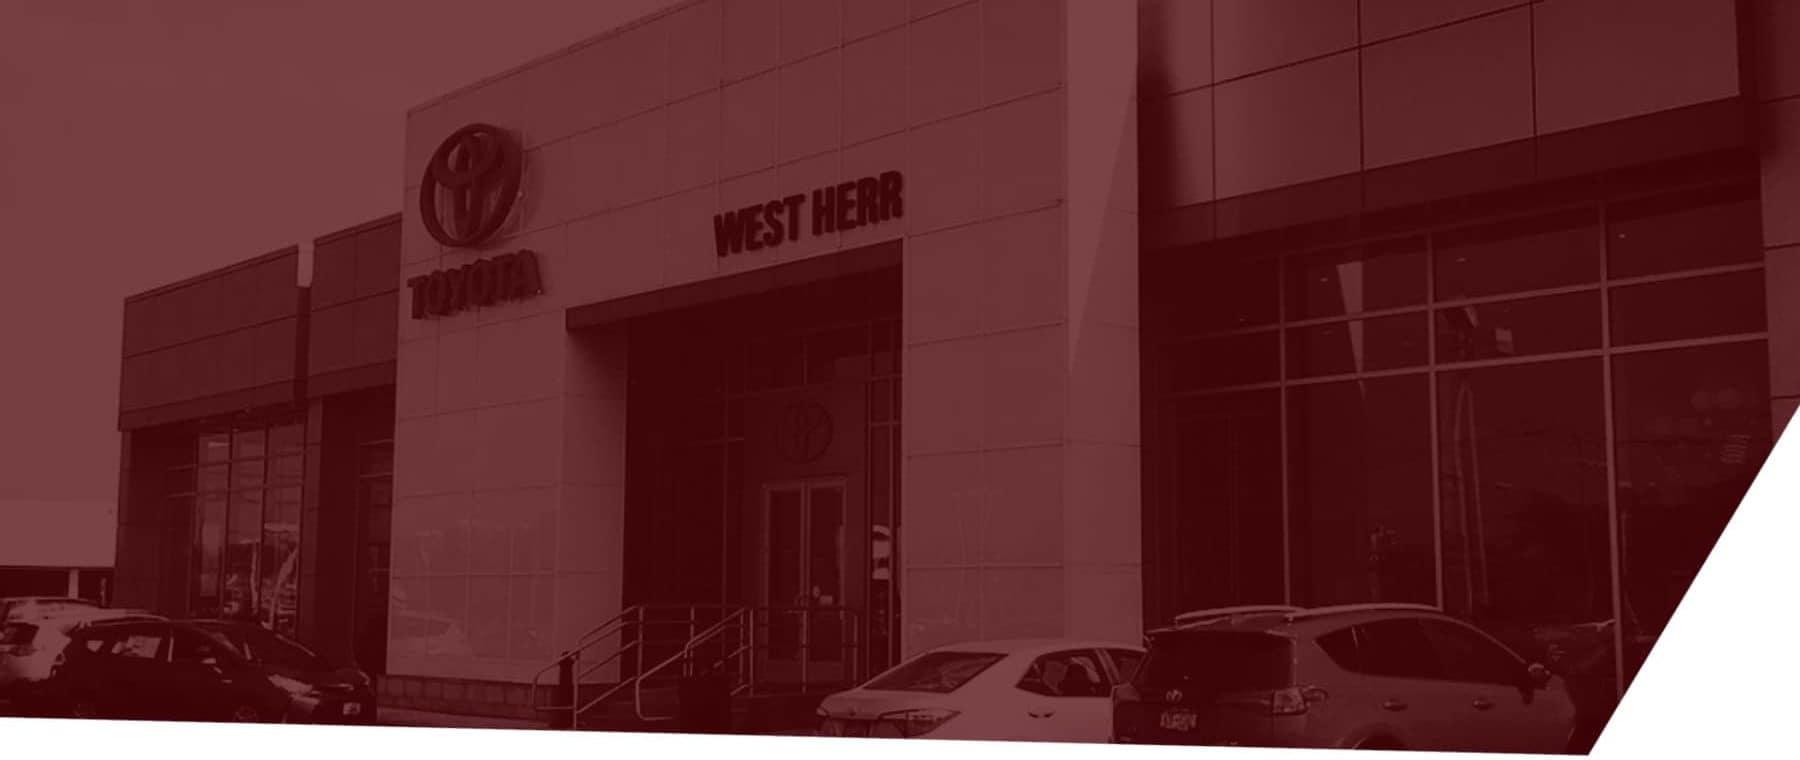 West Herr Toyota of Williamsville Dealership